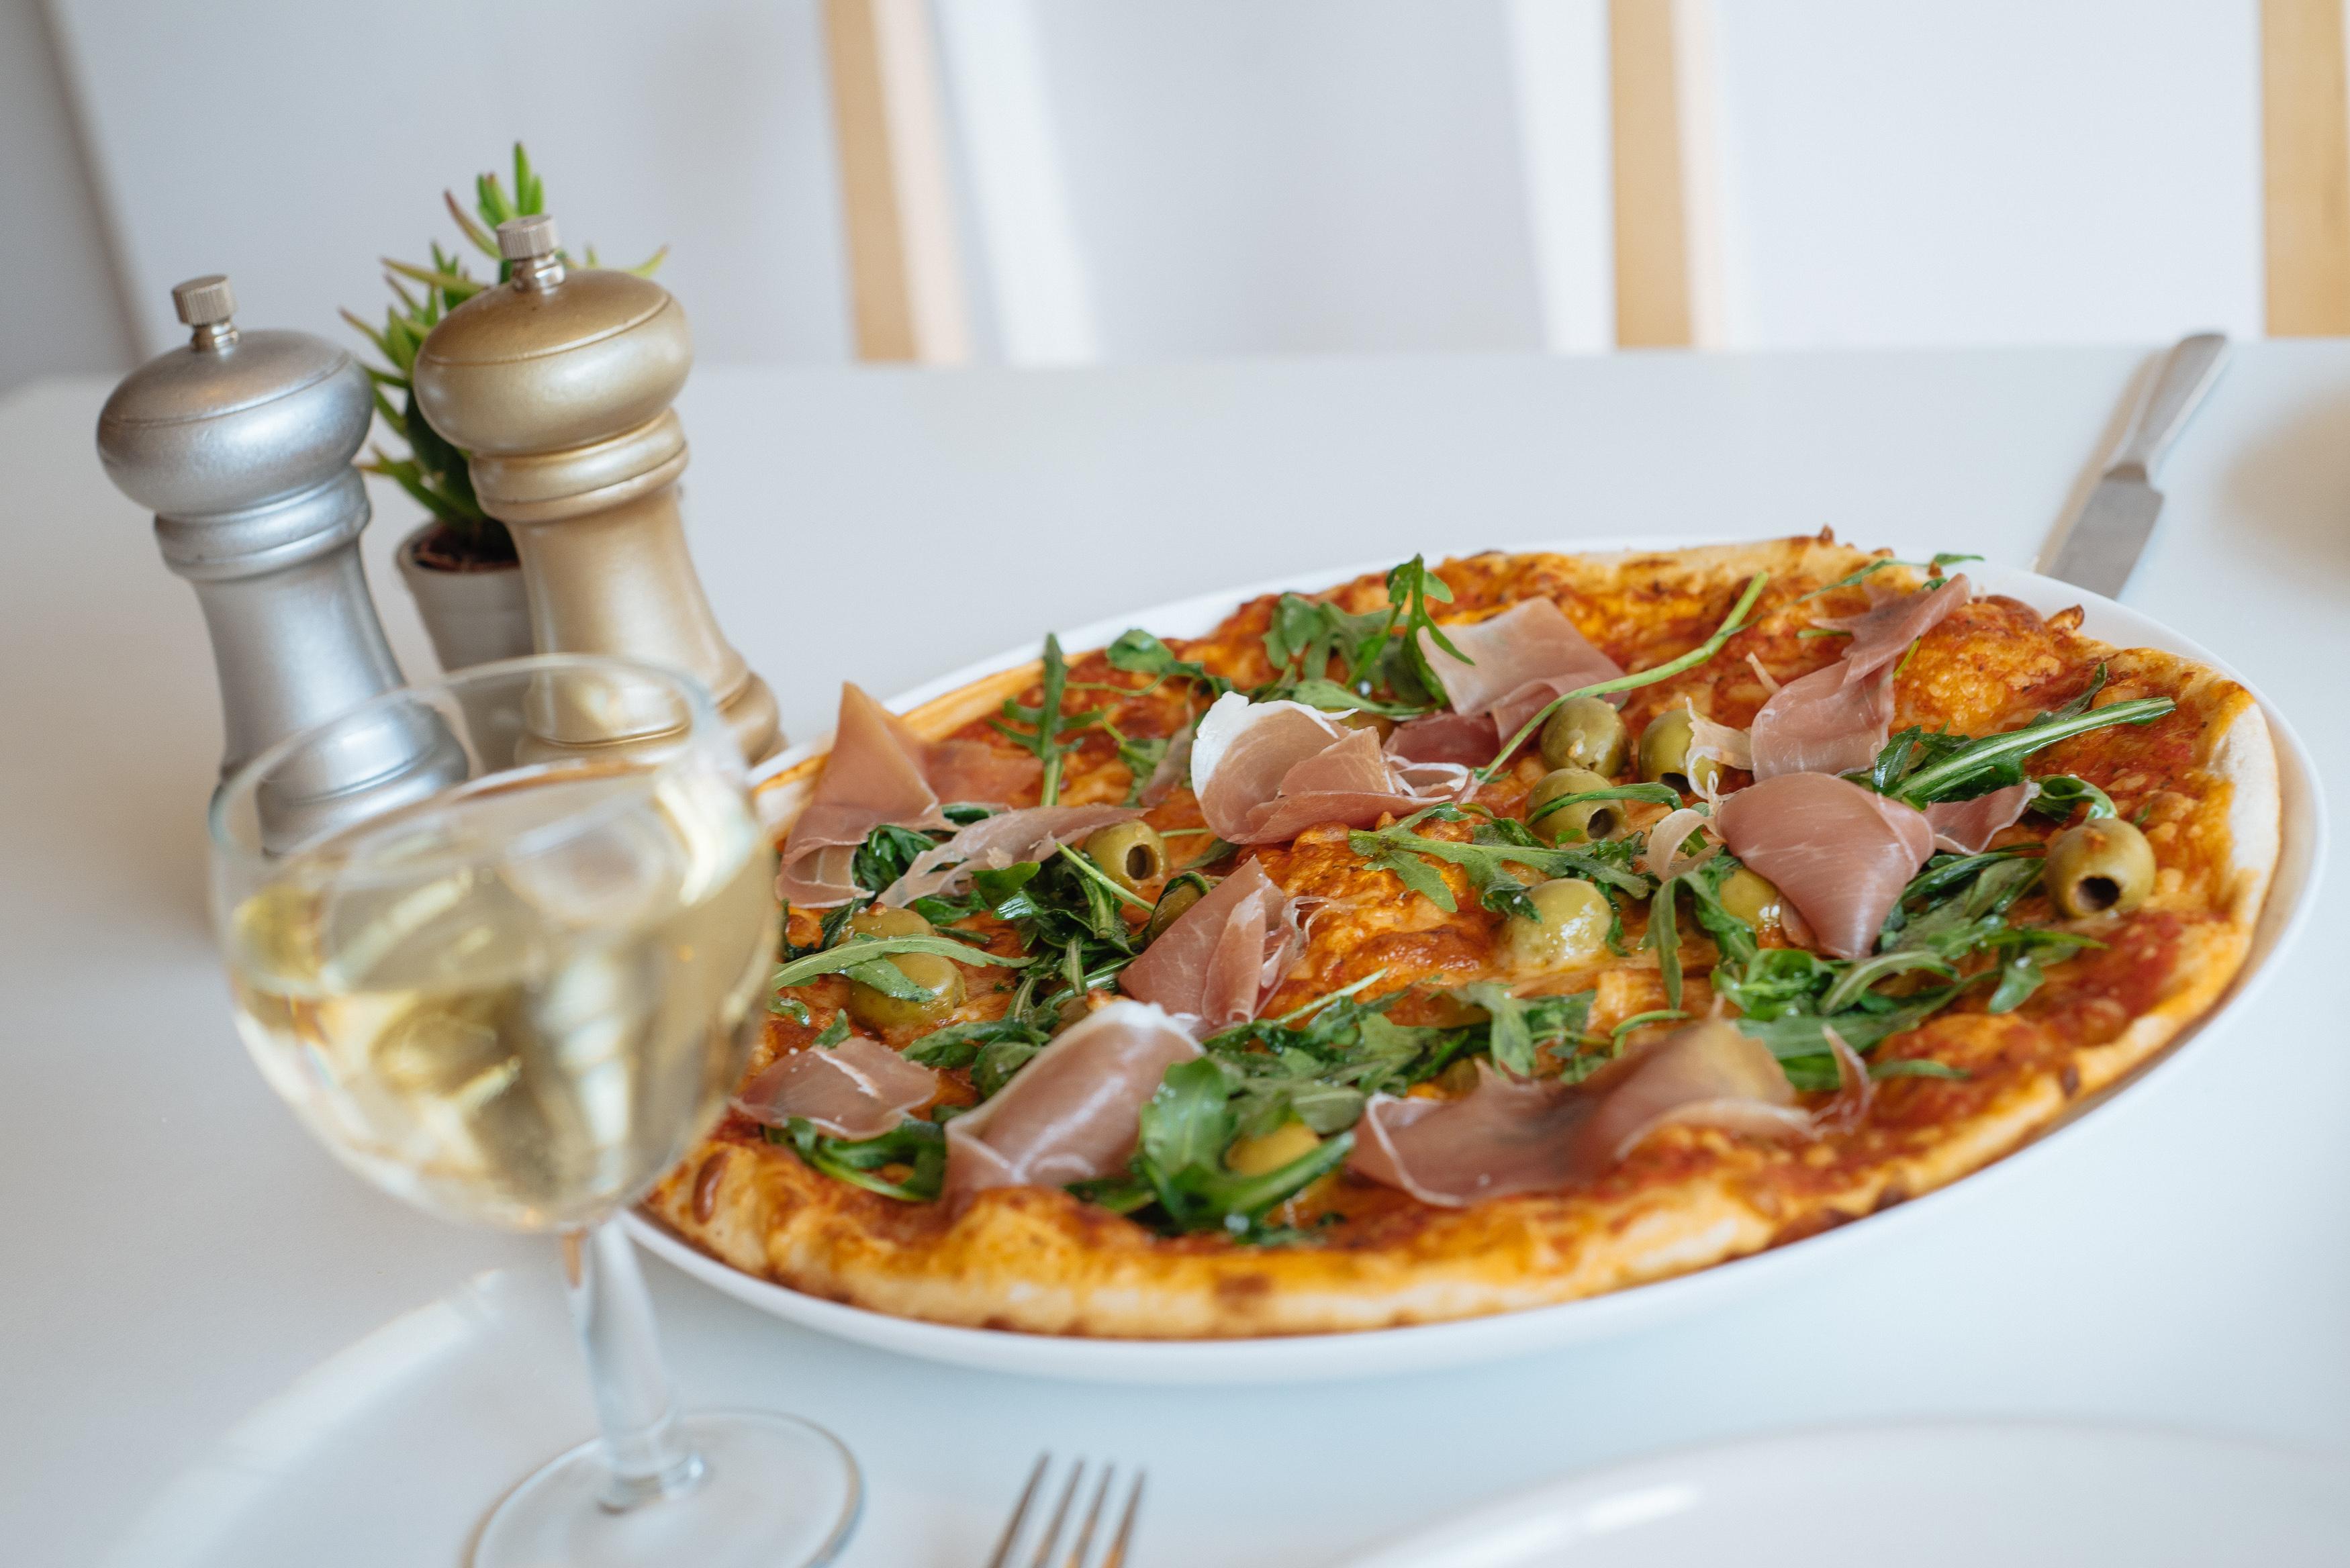 Ecco'la pizza.jpg